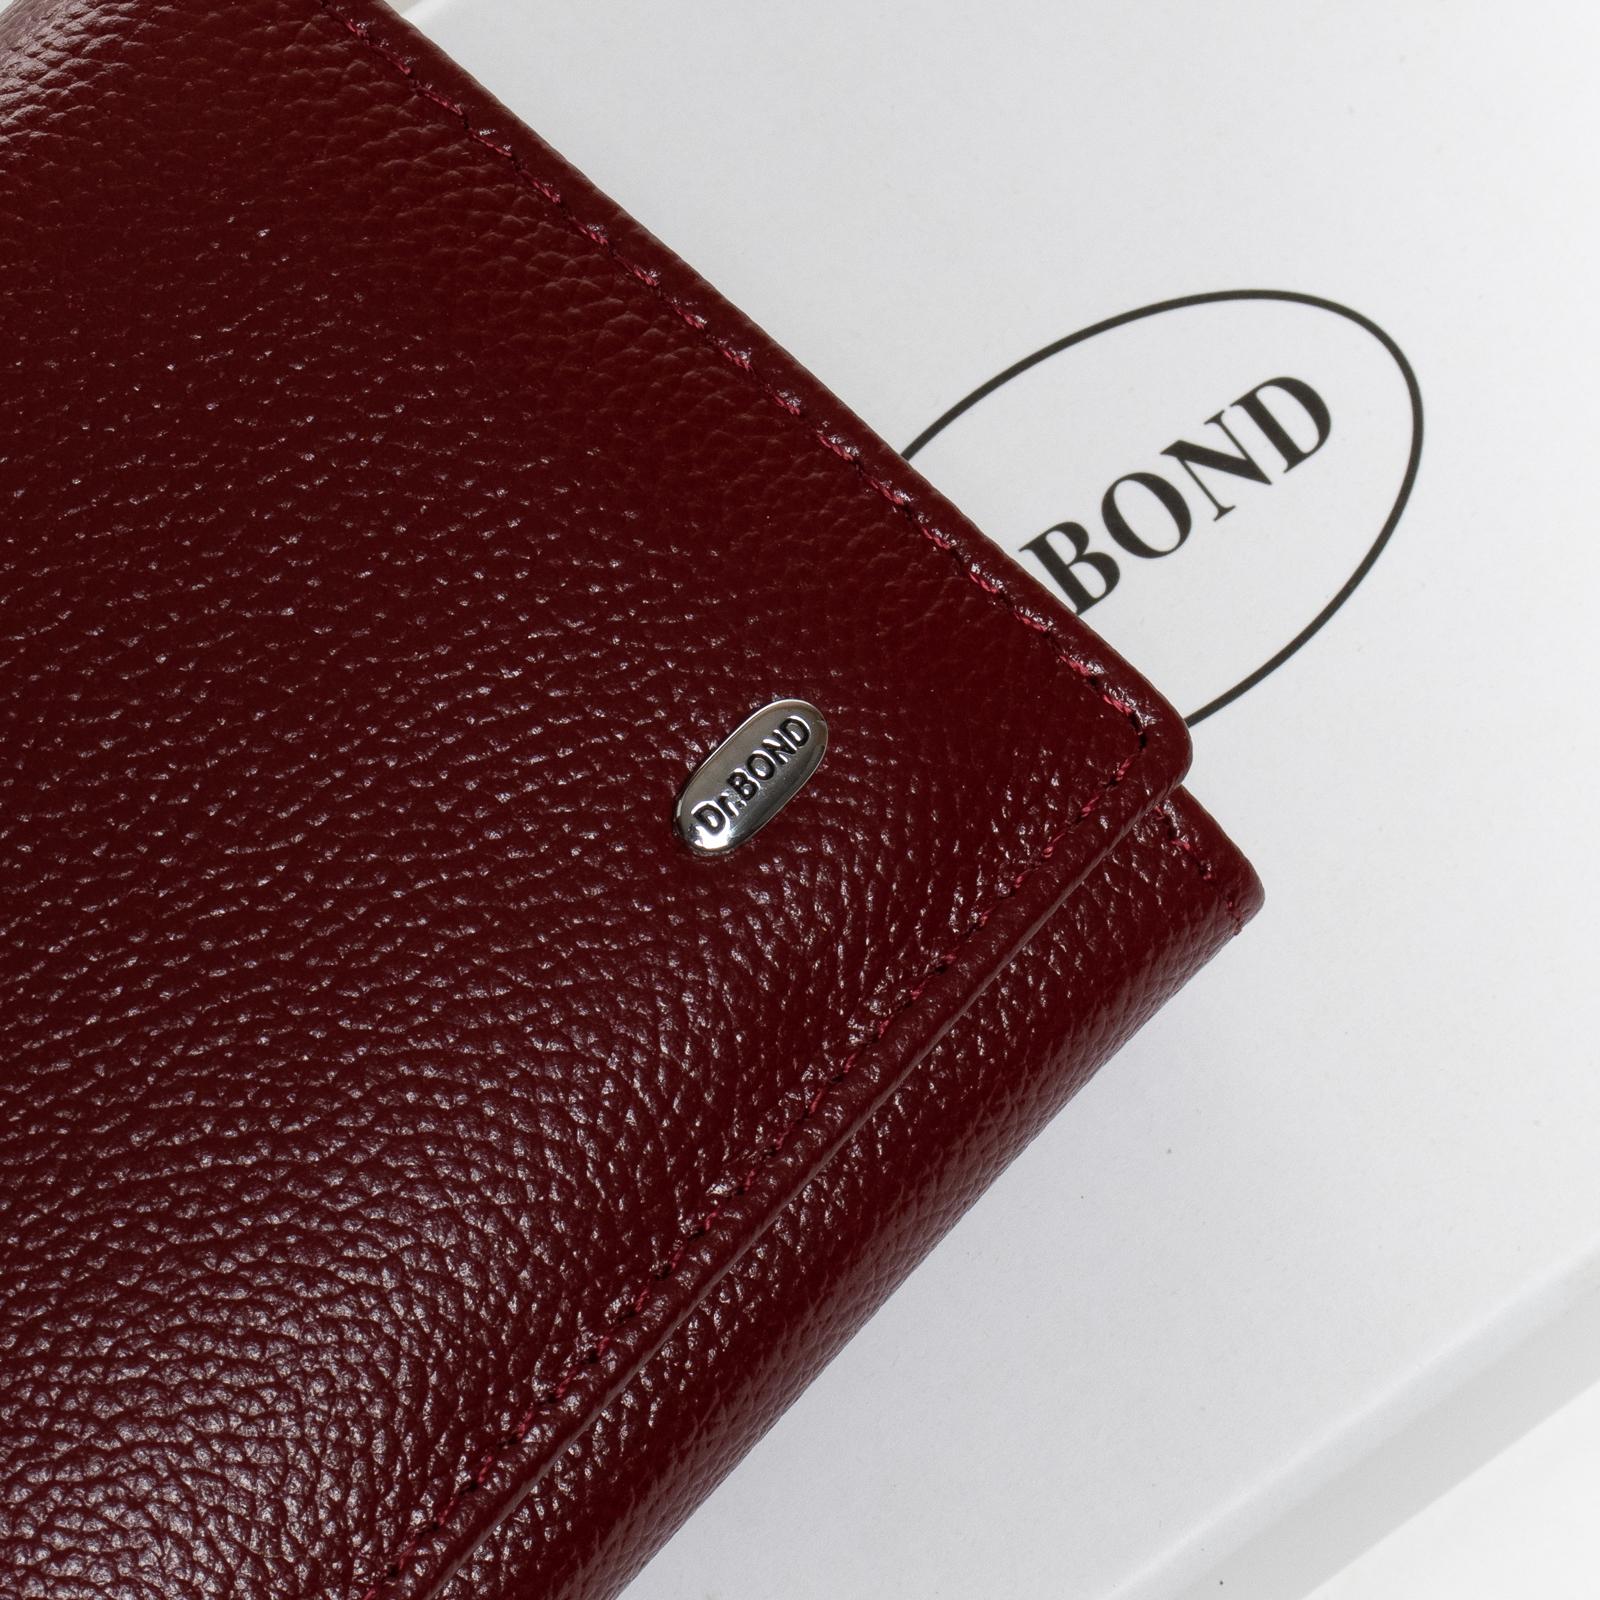 Кошелек Classic кожа DR. BOND W501 bordo - фото 3